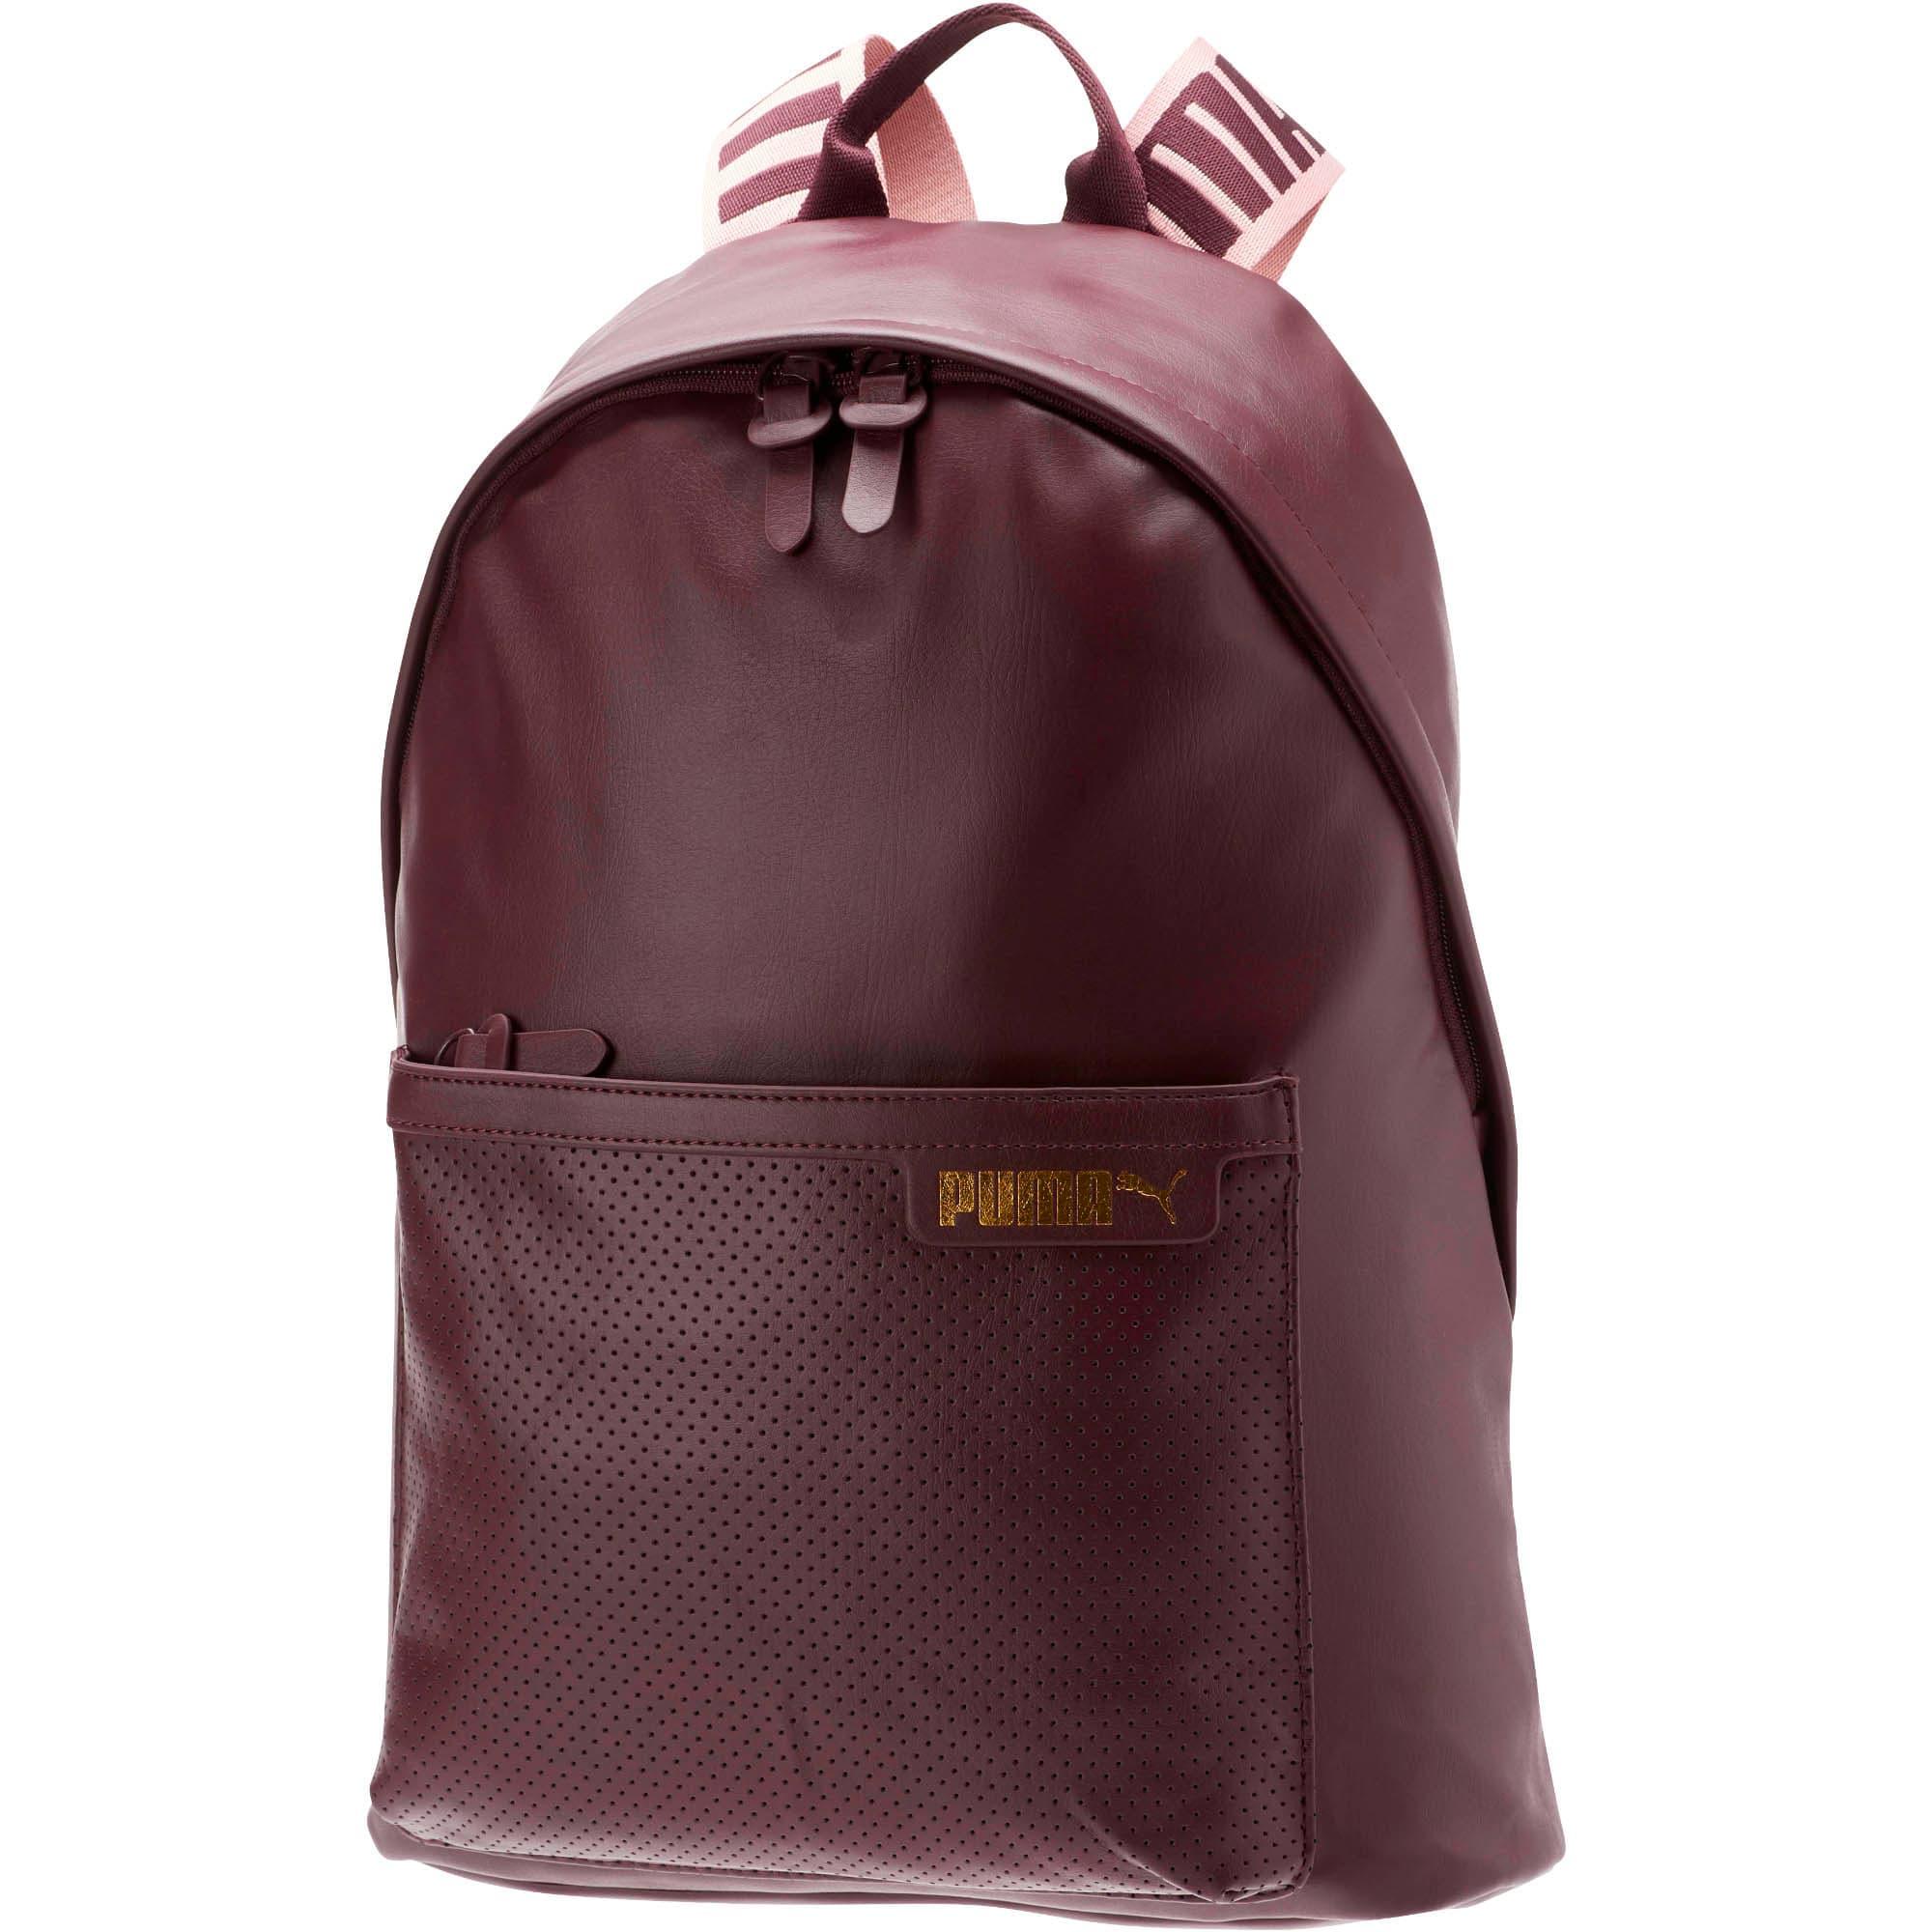 Thumbnail 1 of Prime Cali Backpack, Vineyard Wine, medium